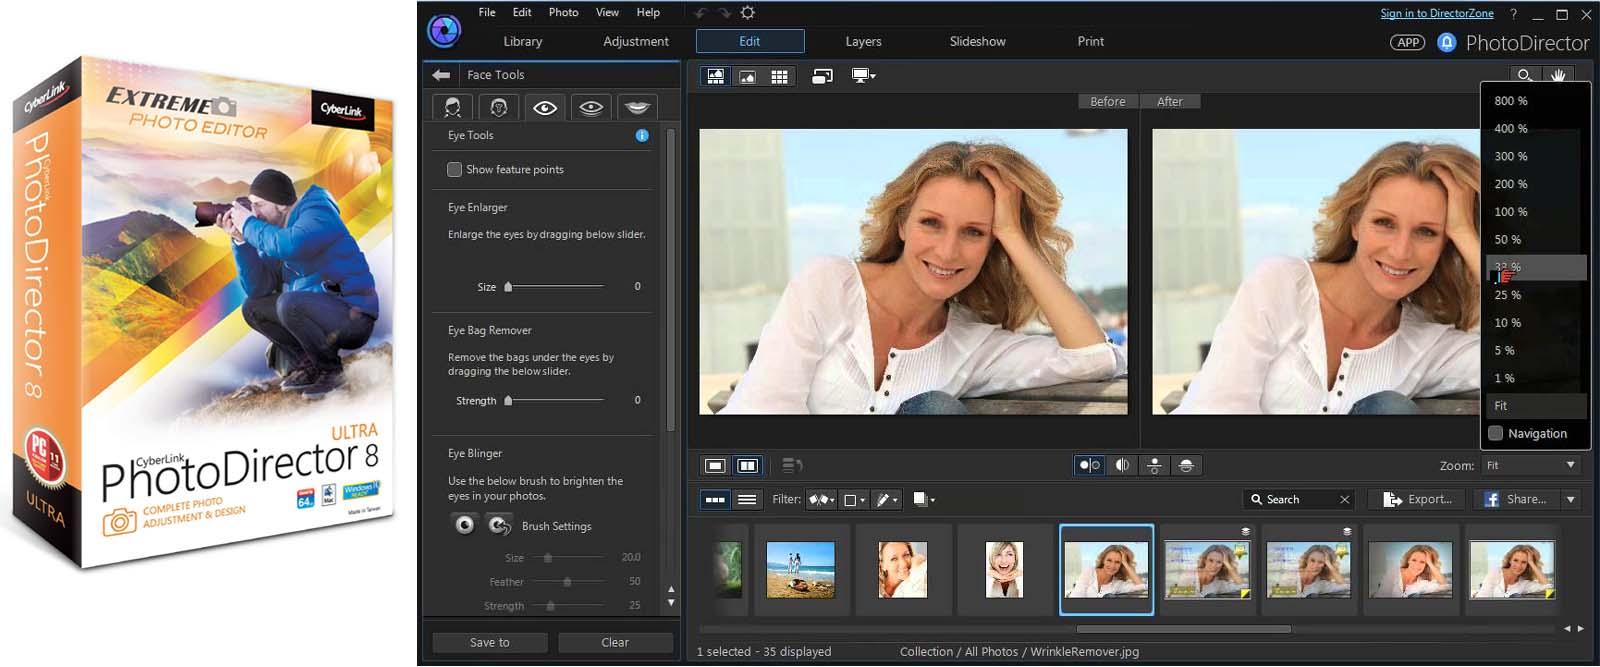 Cyberlink PhotoDirector